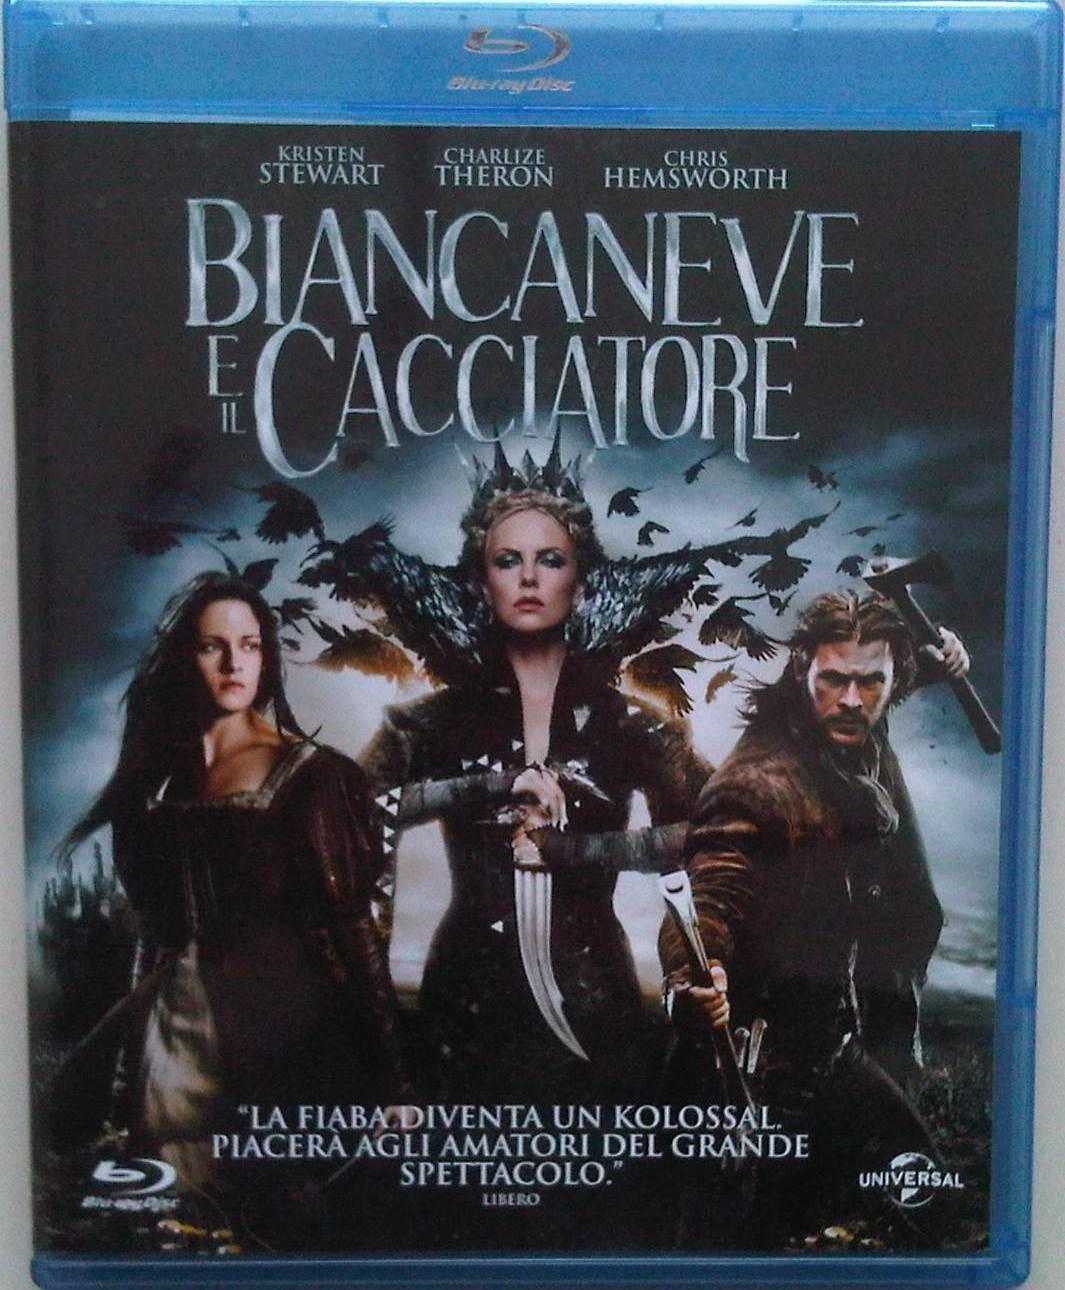 BIANCANEVE E IL CACCIATORE -  BLU-RAY - DVD  -